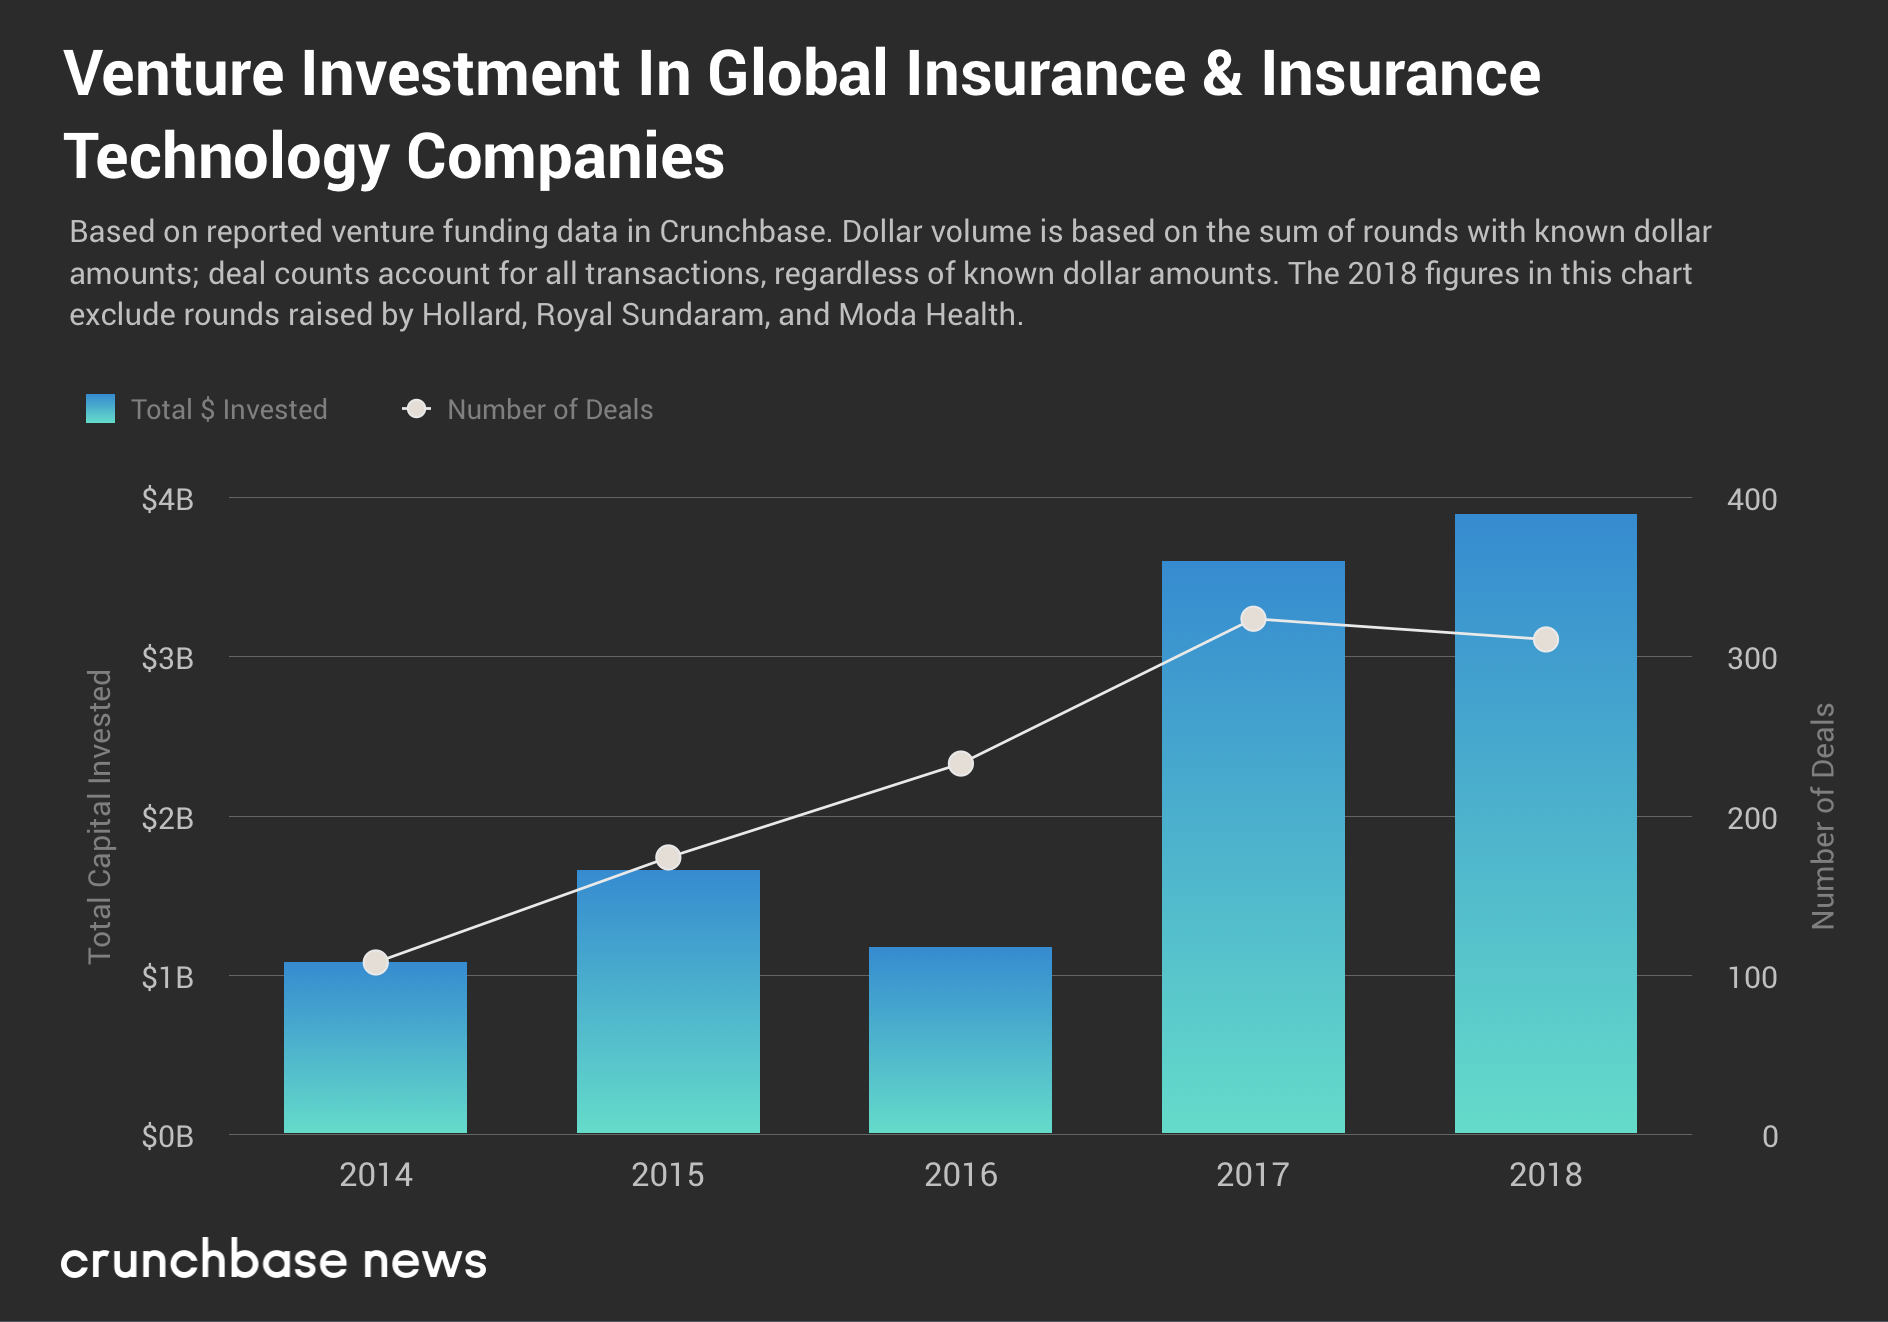 Un montant record de 2,5 milliards de dollars a été octroyé aux entreprises en phase de démarrage du secteur de l'assurance aux États-Unis l'an dernier, et les gros assureurs sont dans le coup joanna two